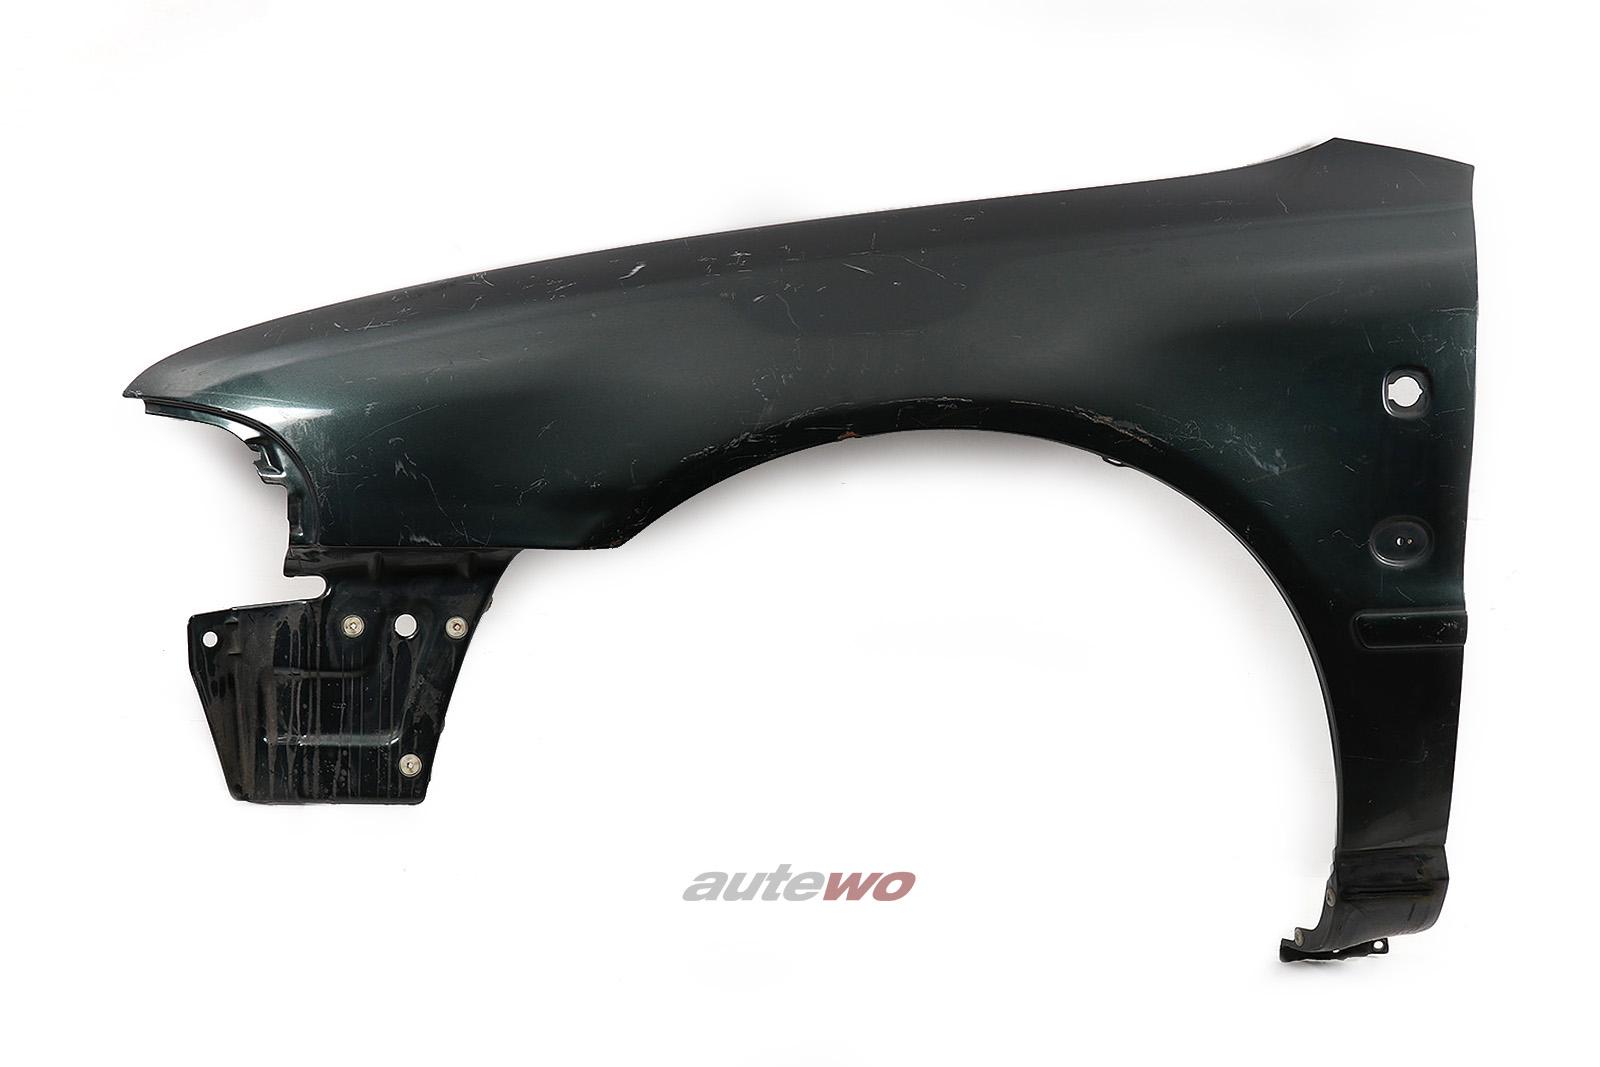 8D0821105 Audi A4 B5 Kotflügel Vorne Links grün